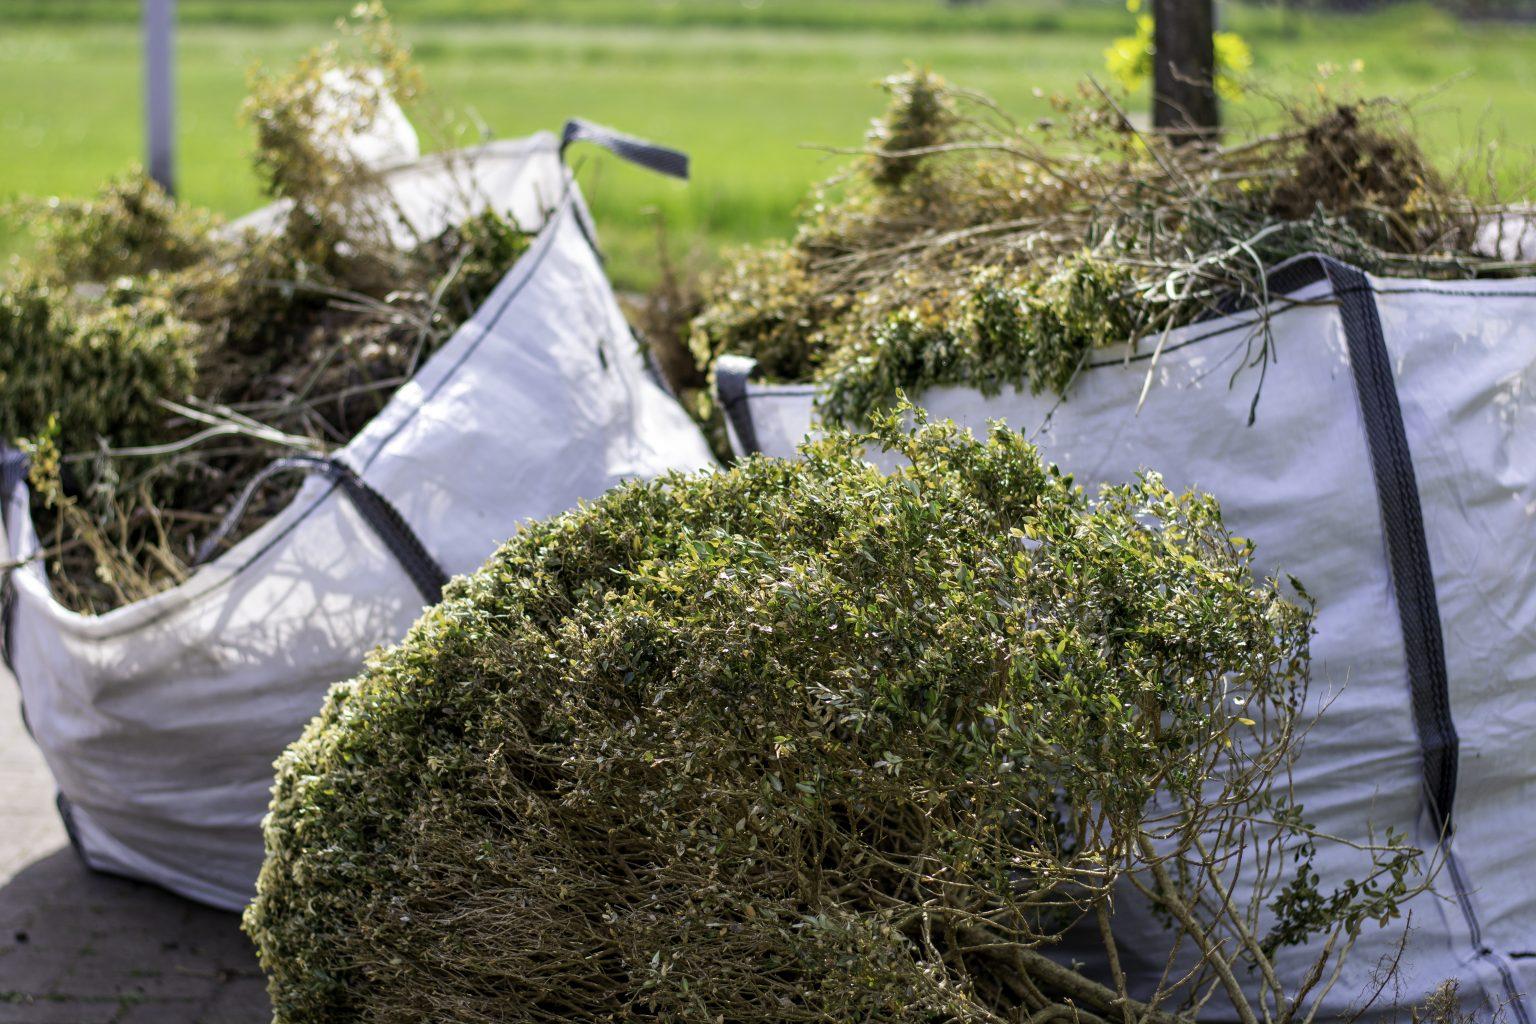 Brûlage des déchets verts : augmentation de l'amende